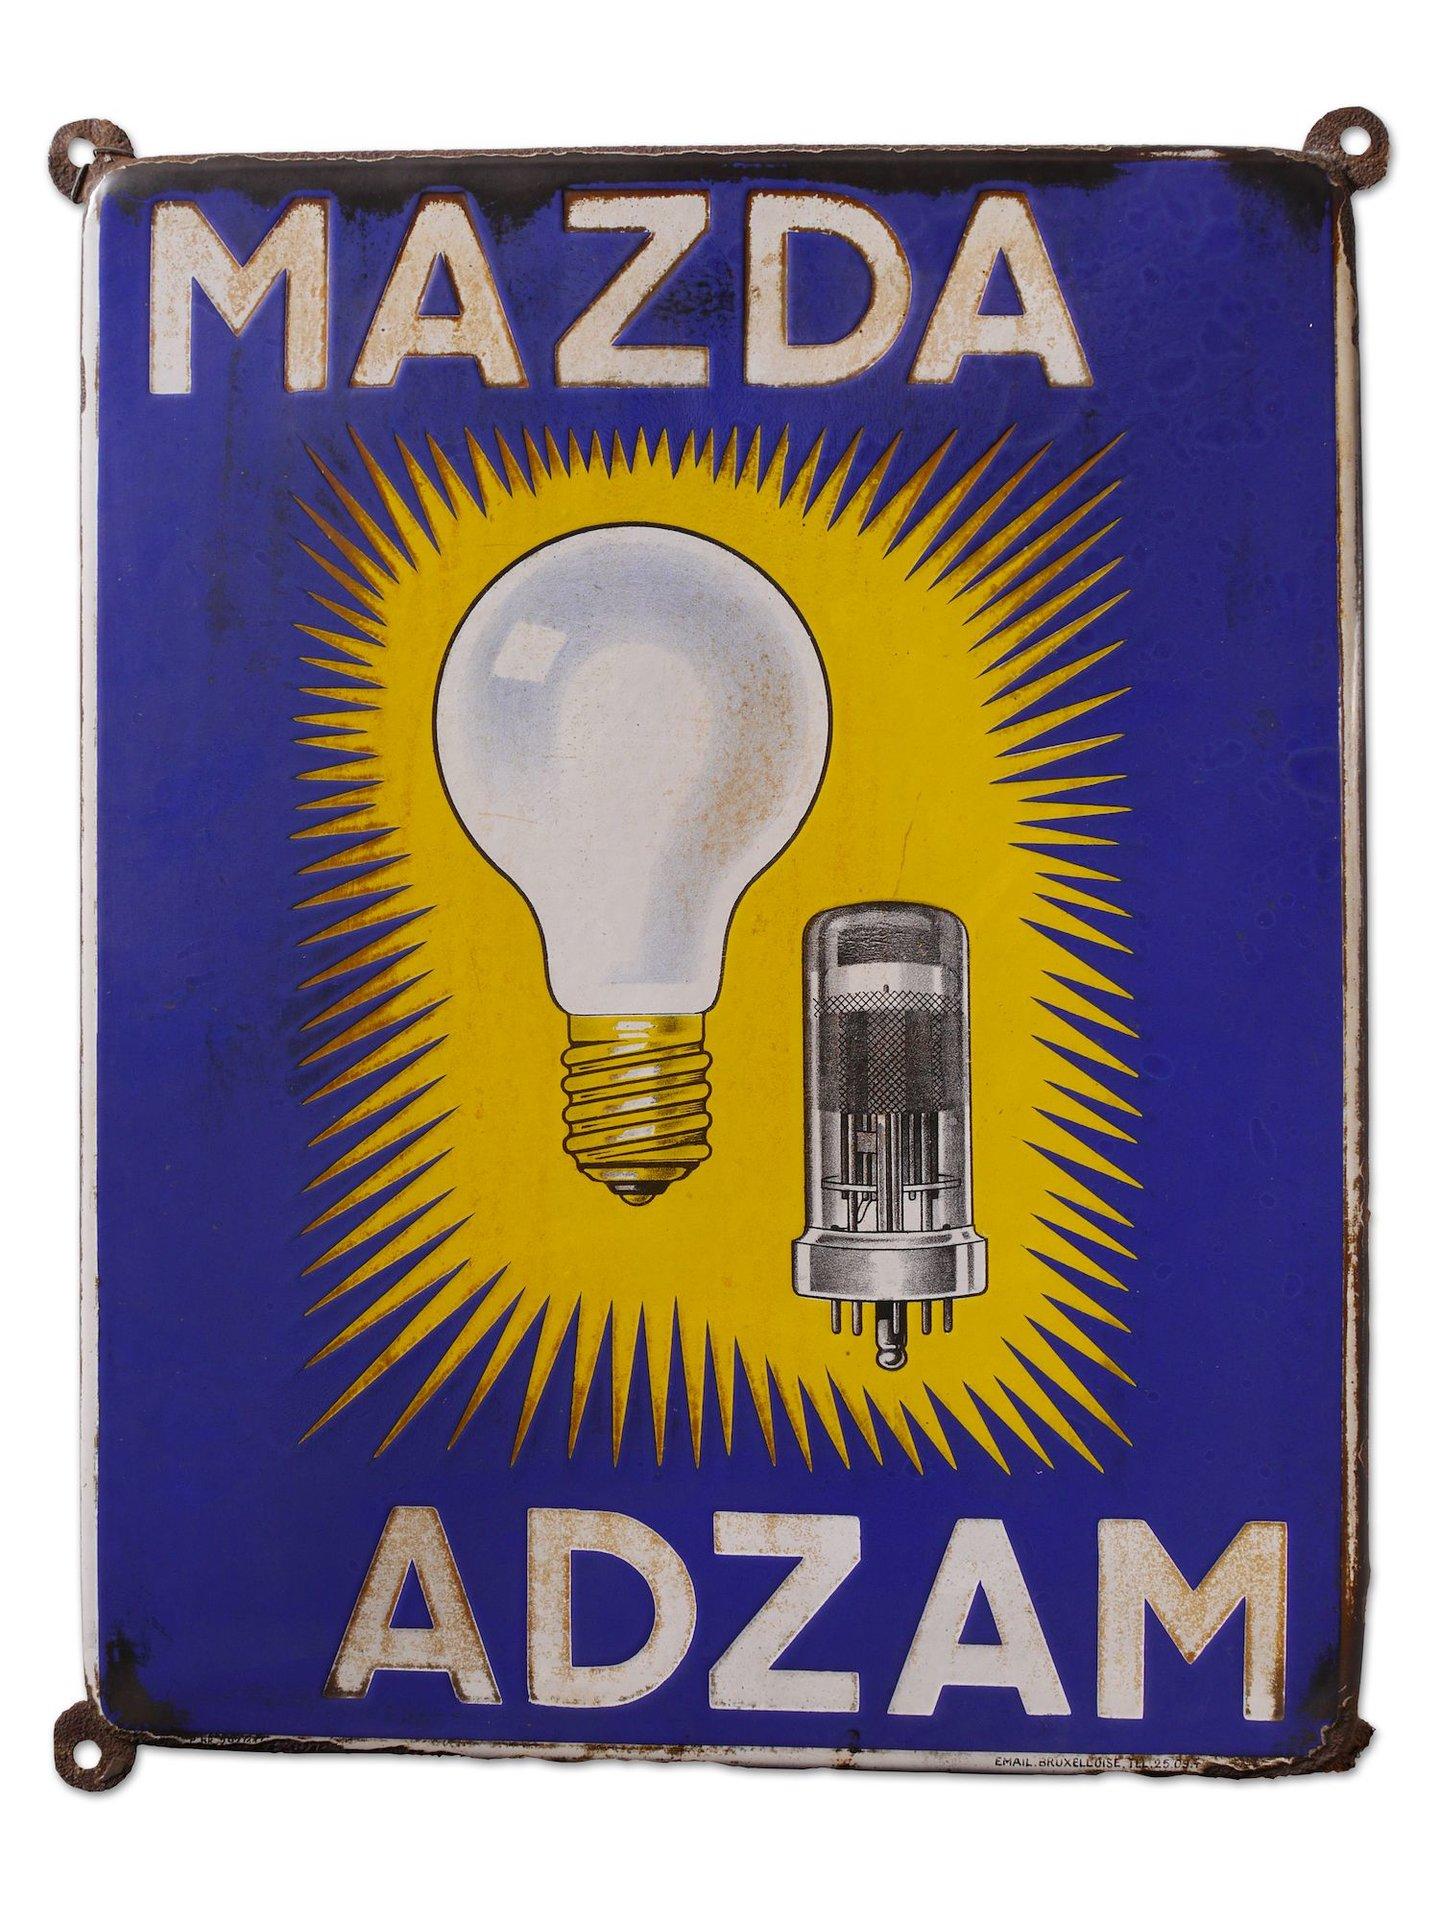 Geëmailleerd reclamebord voor lampen van het merk Mazda en Adzam